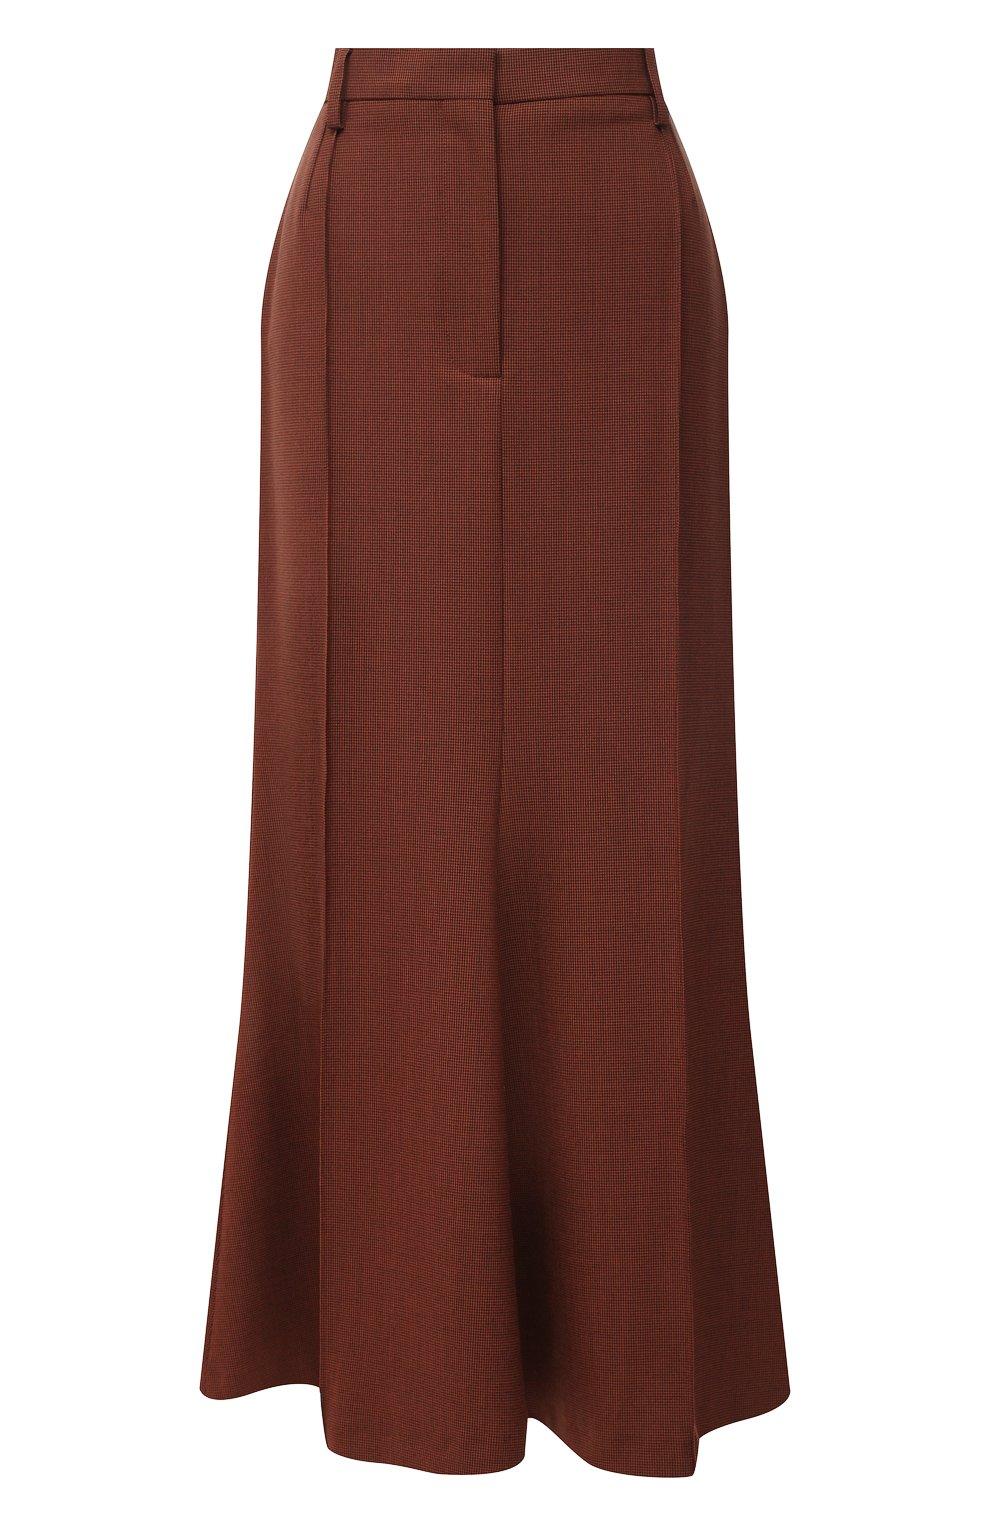 Женская юбка NANUSHKA коричневого цвета, арт. MACIE_RUST_H0UNDST00TH SUITING | Фото 1